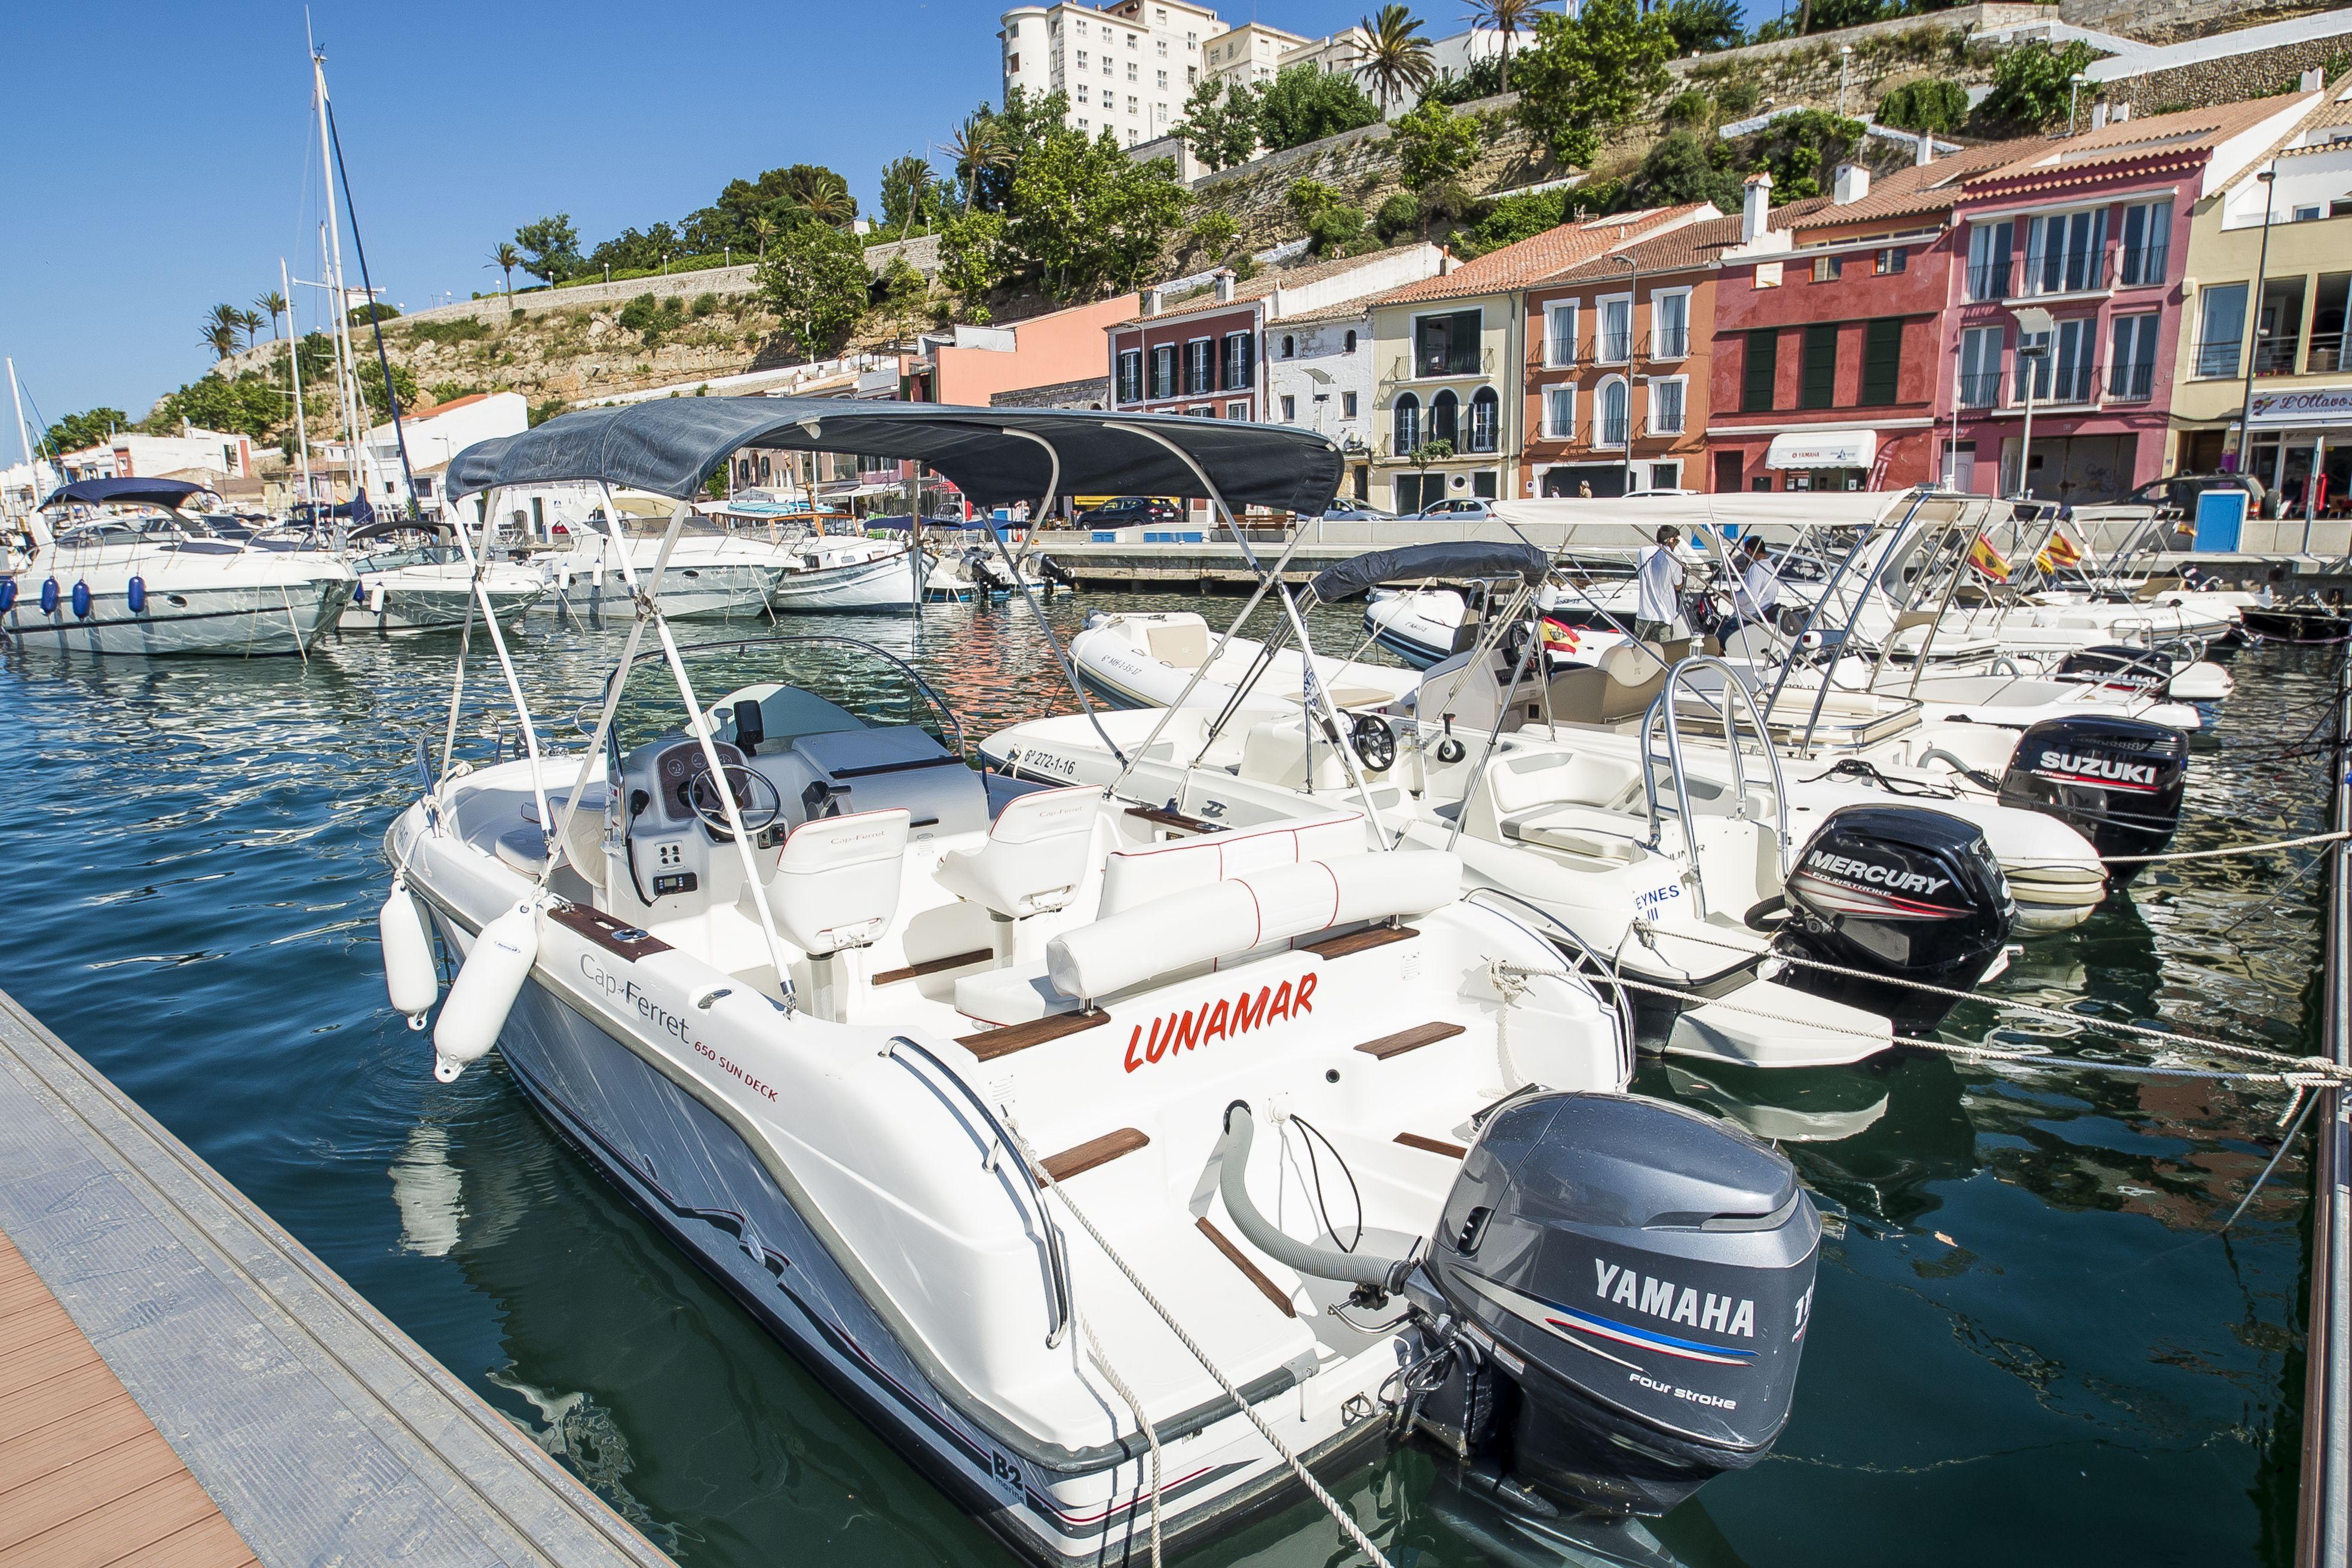 Alquiler de barcos para 12 personas en Menorca